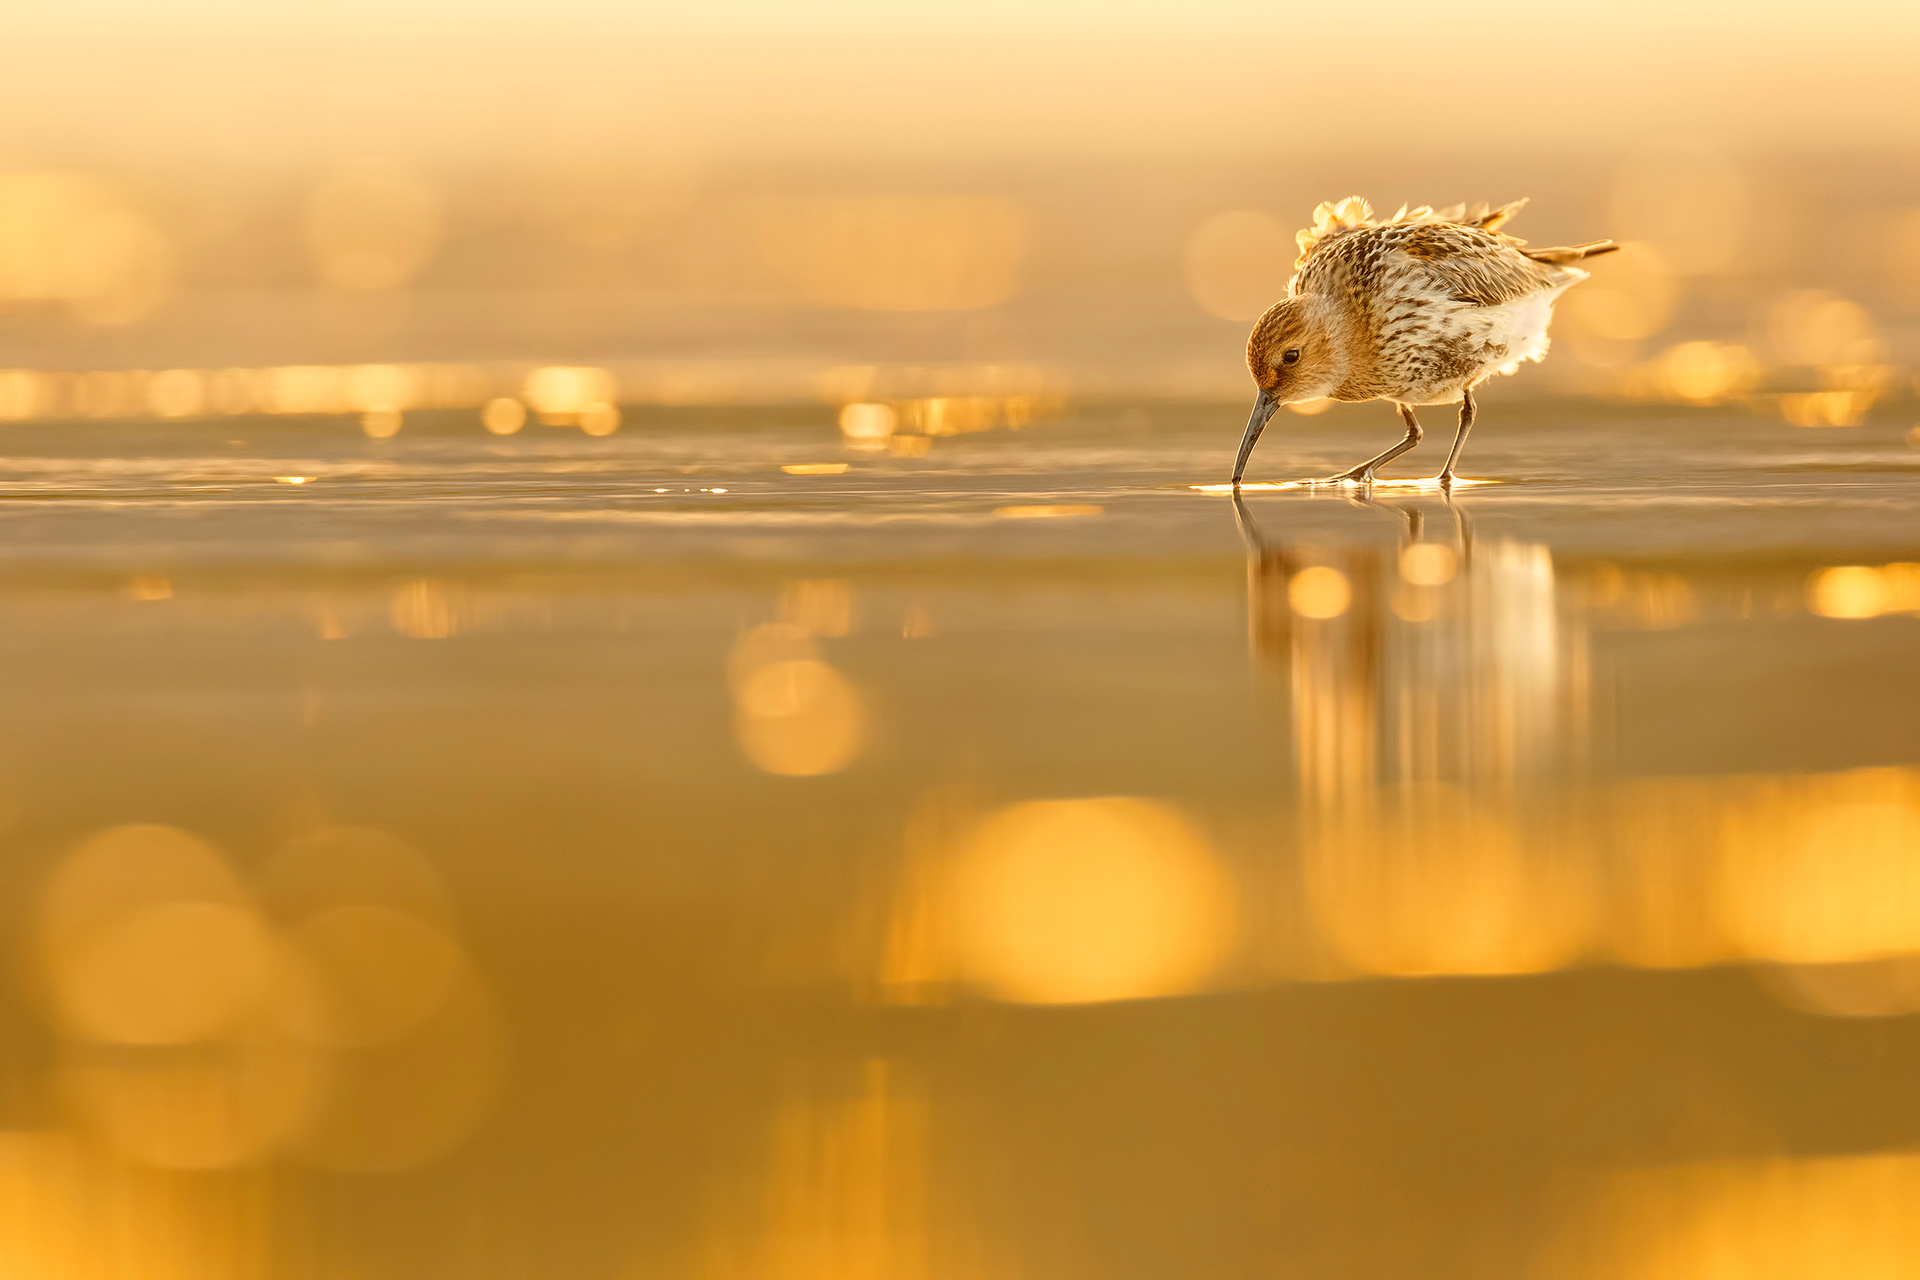 Golden shore - Mario Suarez - Portfolio Natural, Fotografía de Naturaleza de Autor